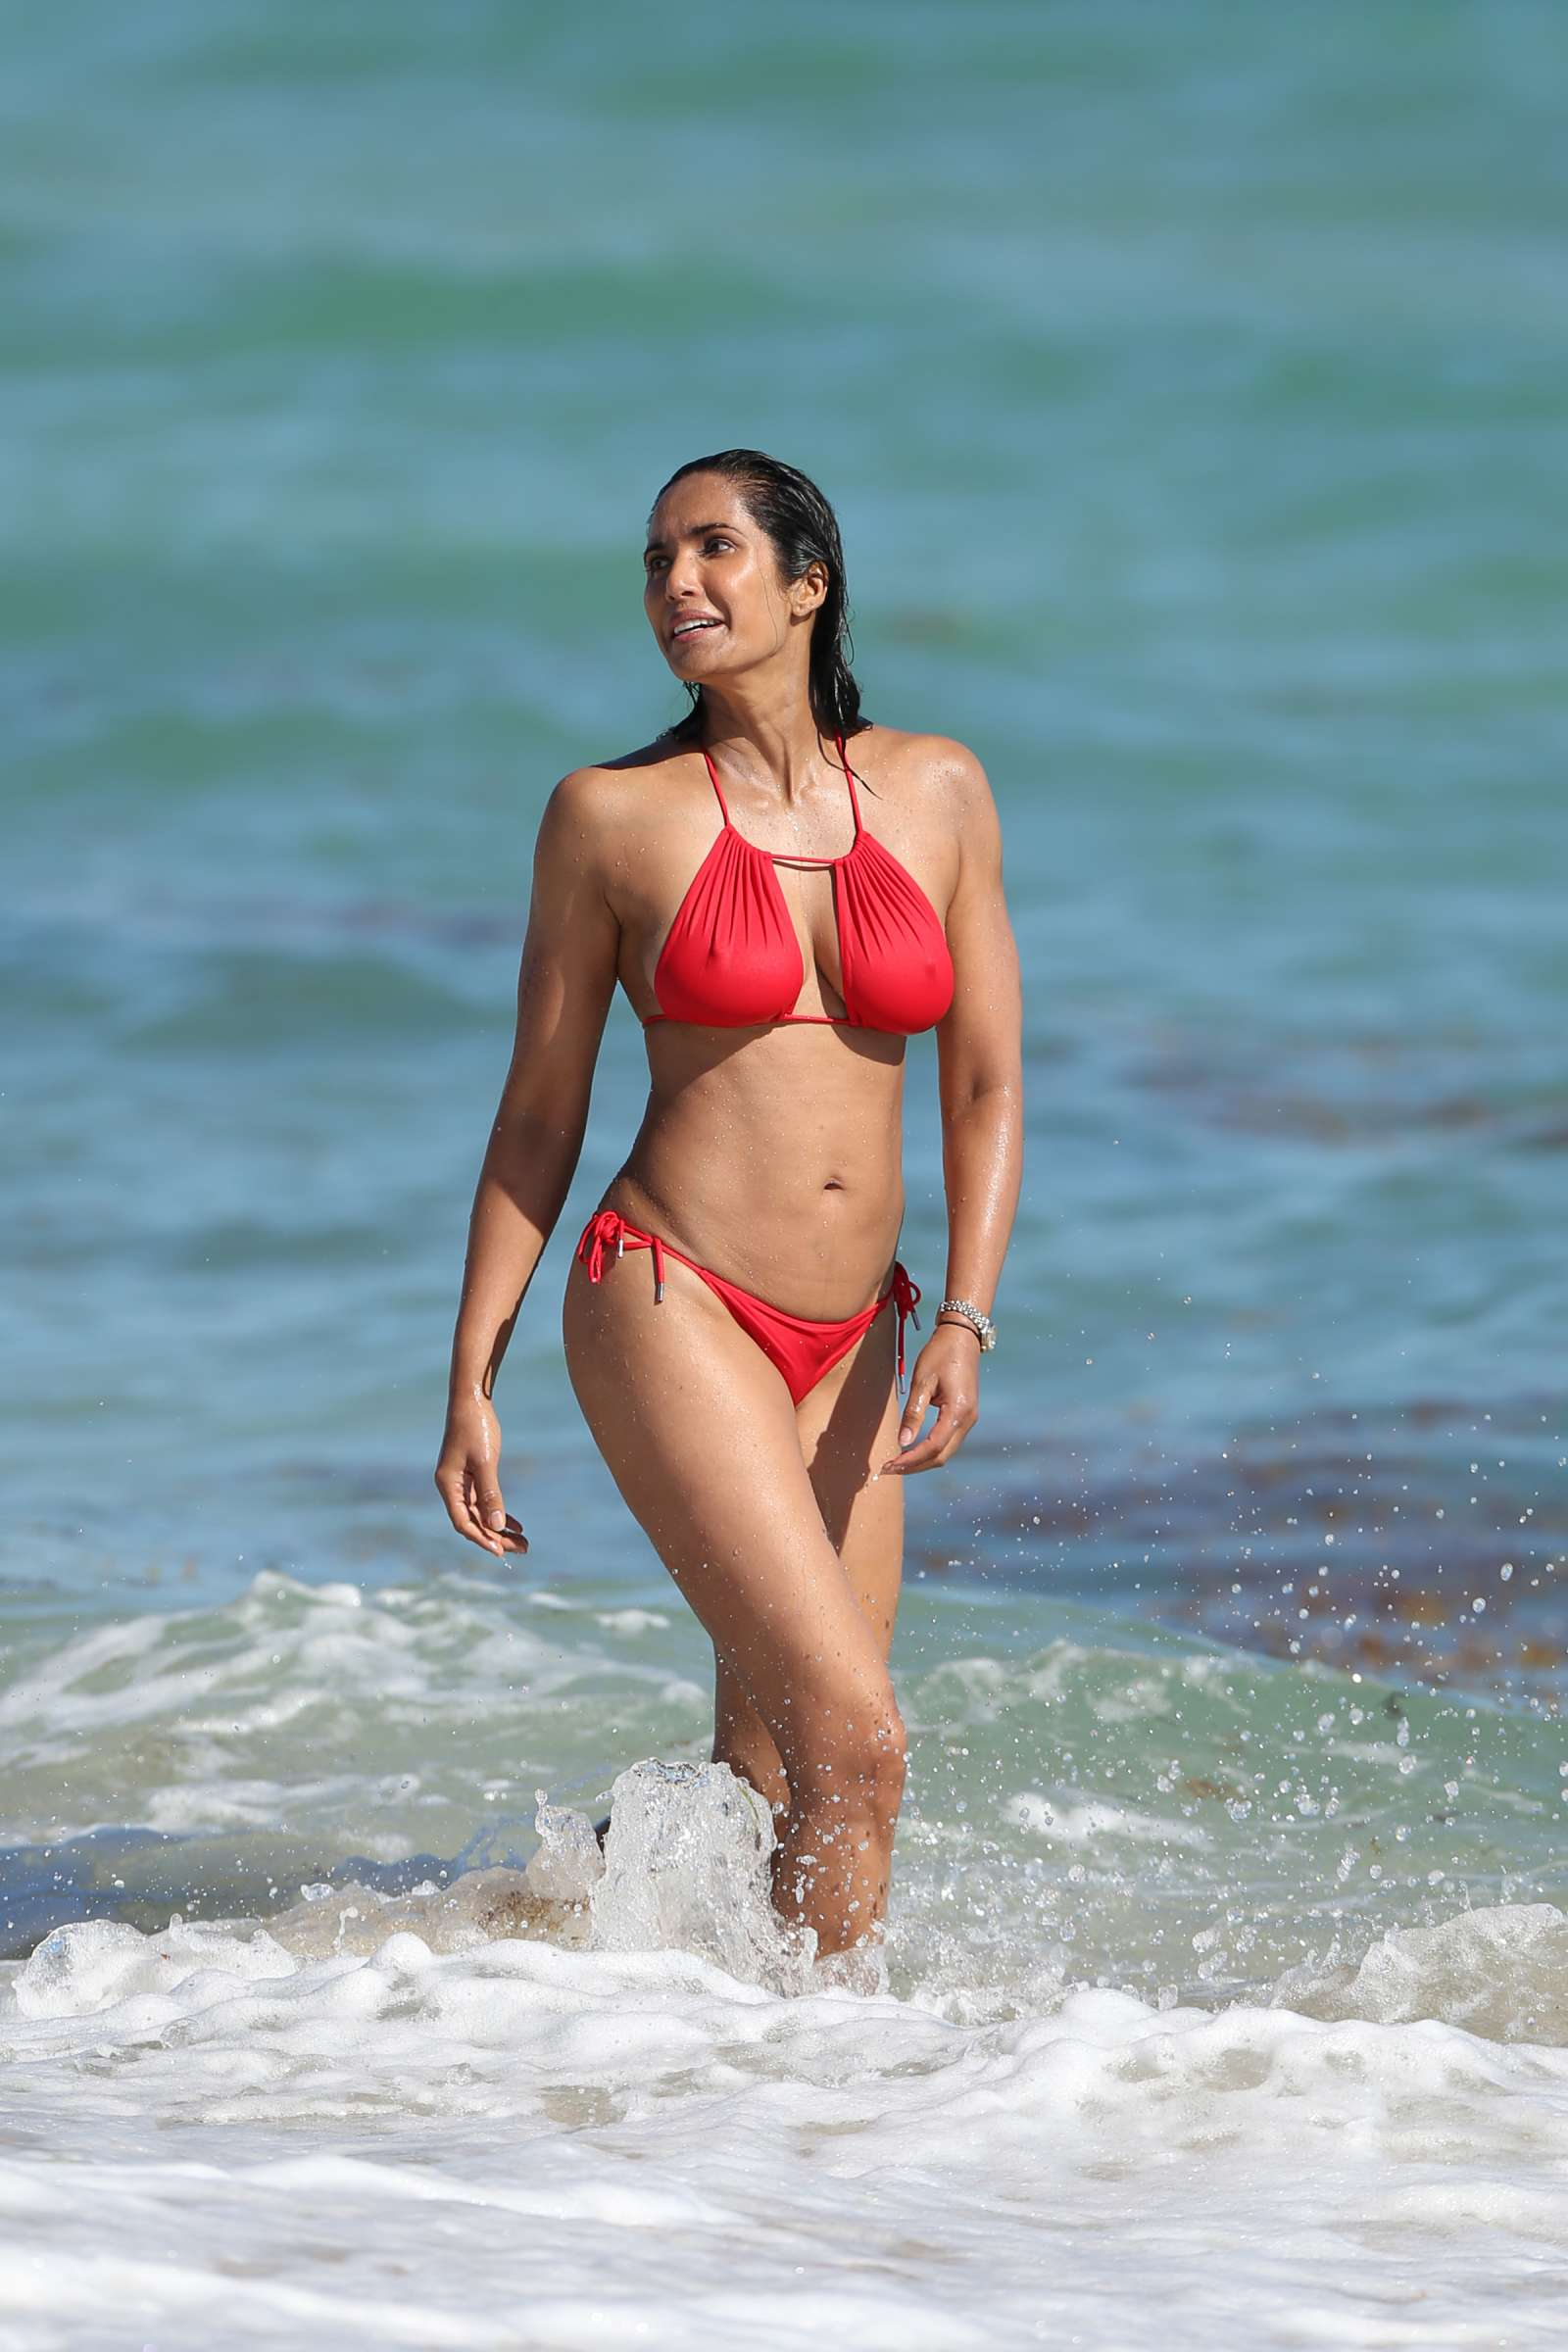 Padma Lakshmi 2019 : Padma Lakshmi in Red Bikini -02